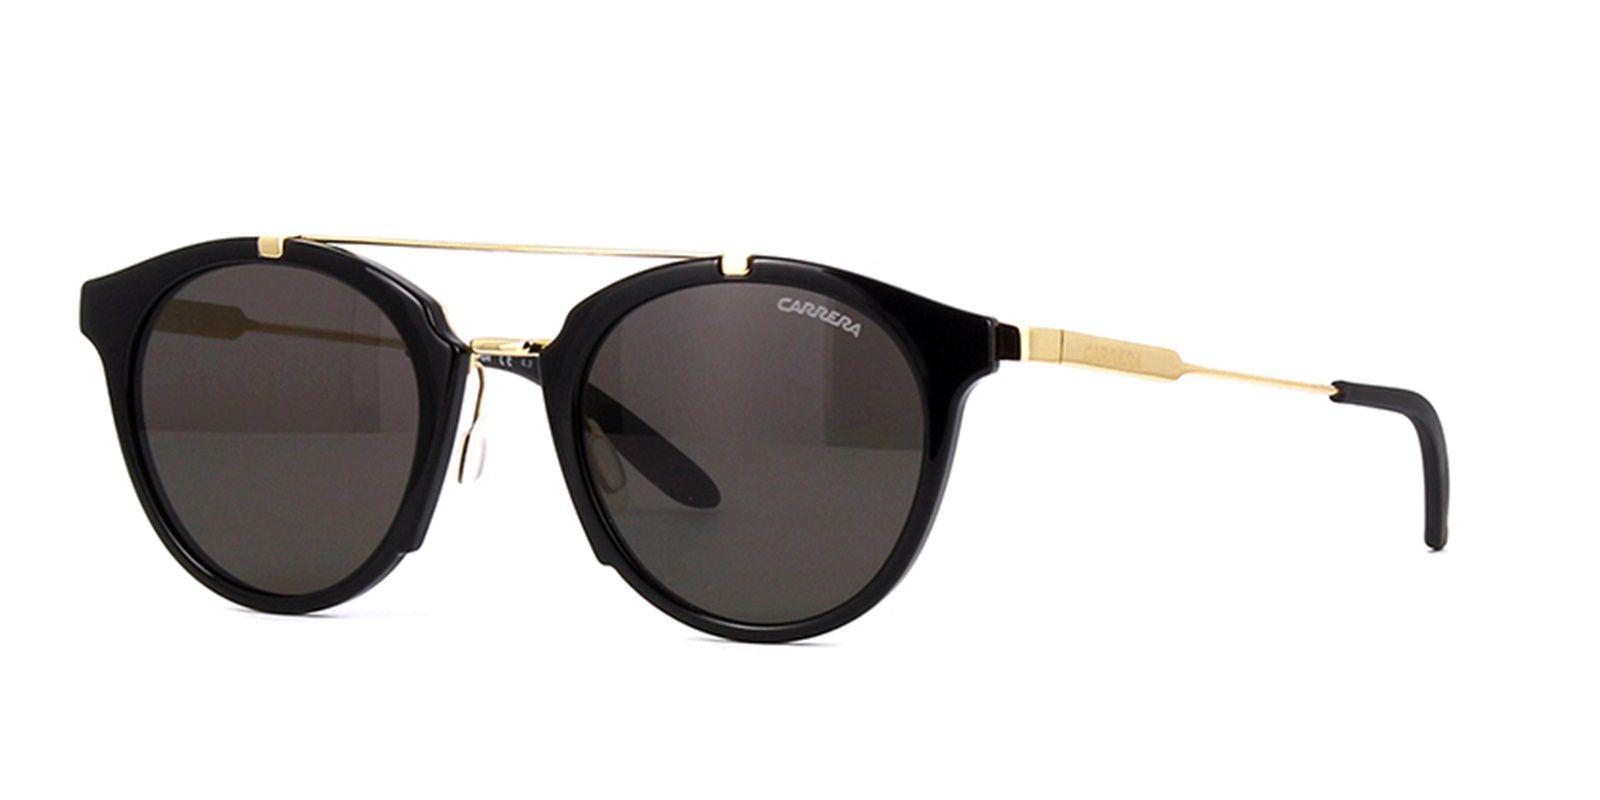 a173d24ae Óculos de Sol Feminino Carrera 127/S 6UBHD T51 - Omega Ótica e ...